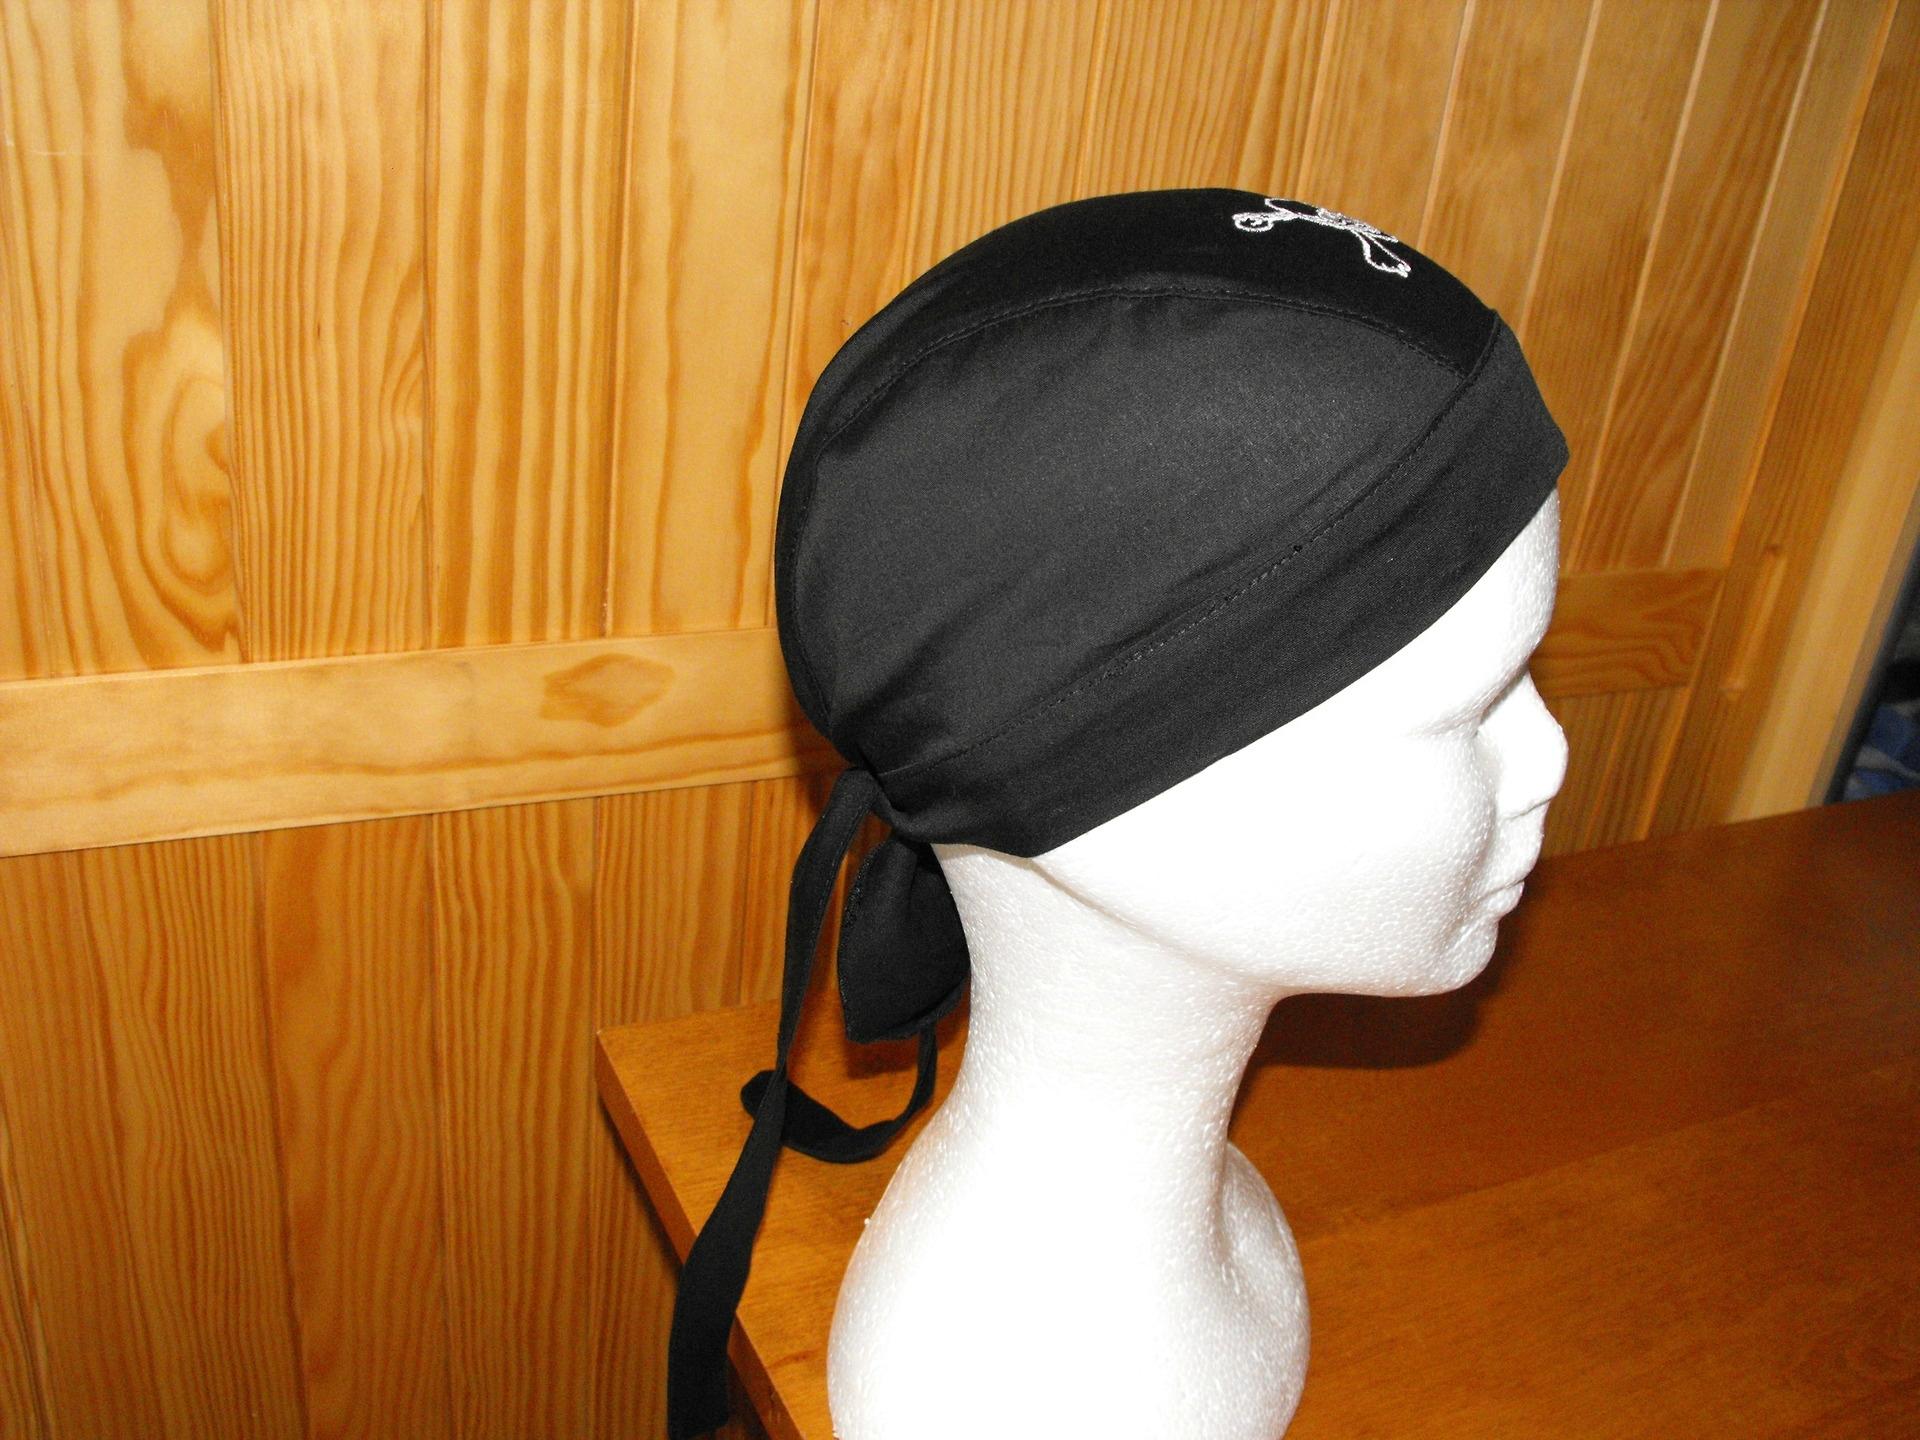 chapeau-bandana-motard-ou-biker-avec-broder-9952291-dscf2060-d8a01-b9593_big